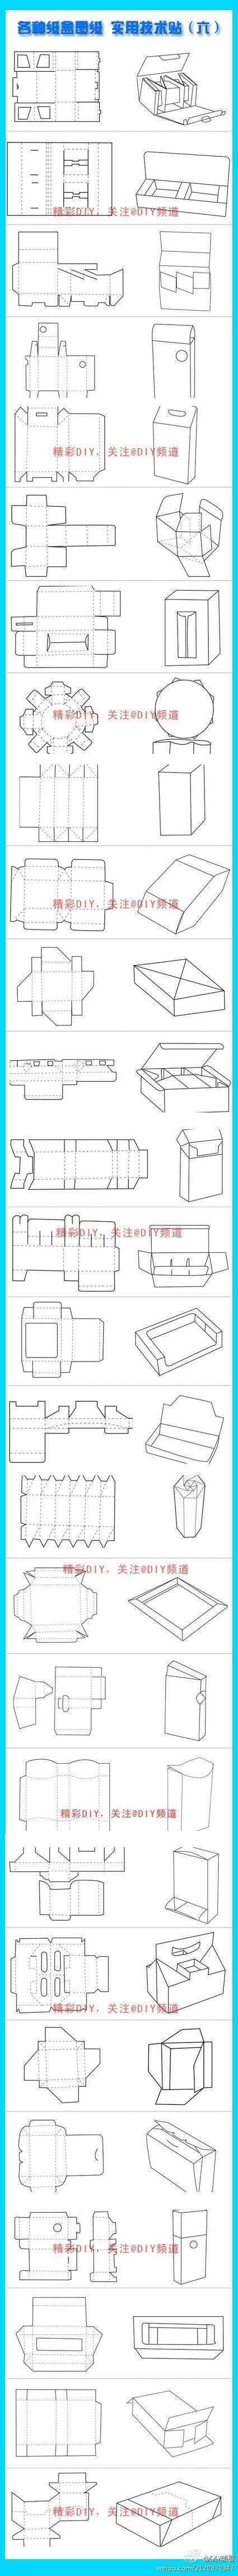 Templates multiples de boîtes ou autres, pliage